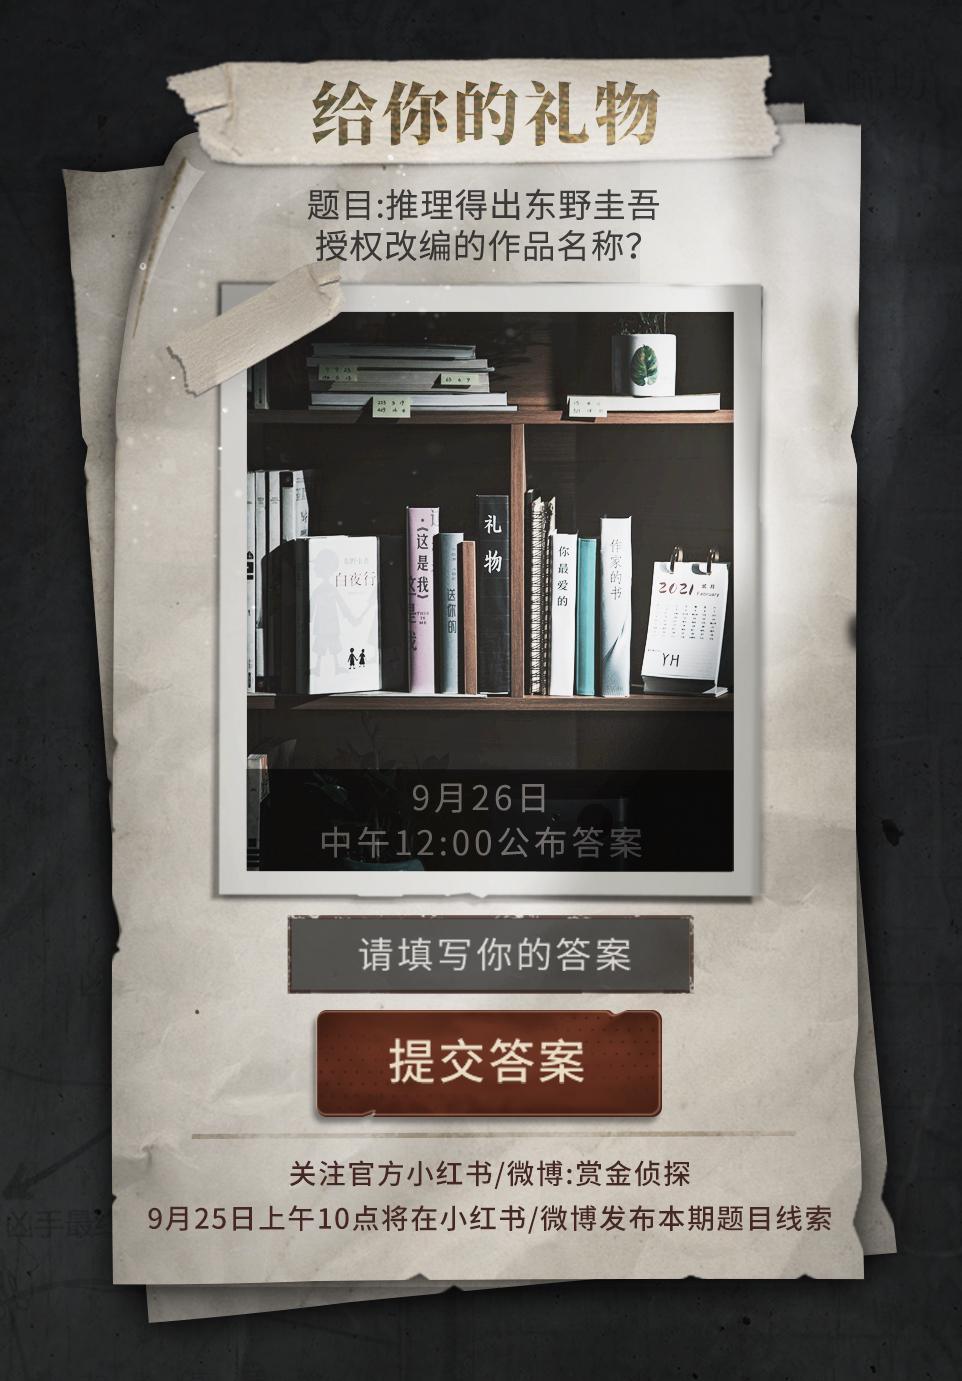 助力冲刺赏金侦探!百万赏金季图片推理活动【第三期】